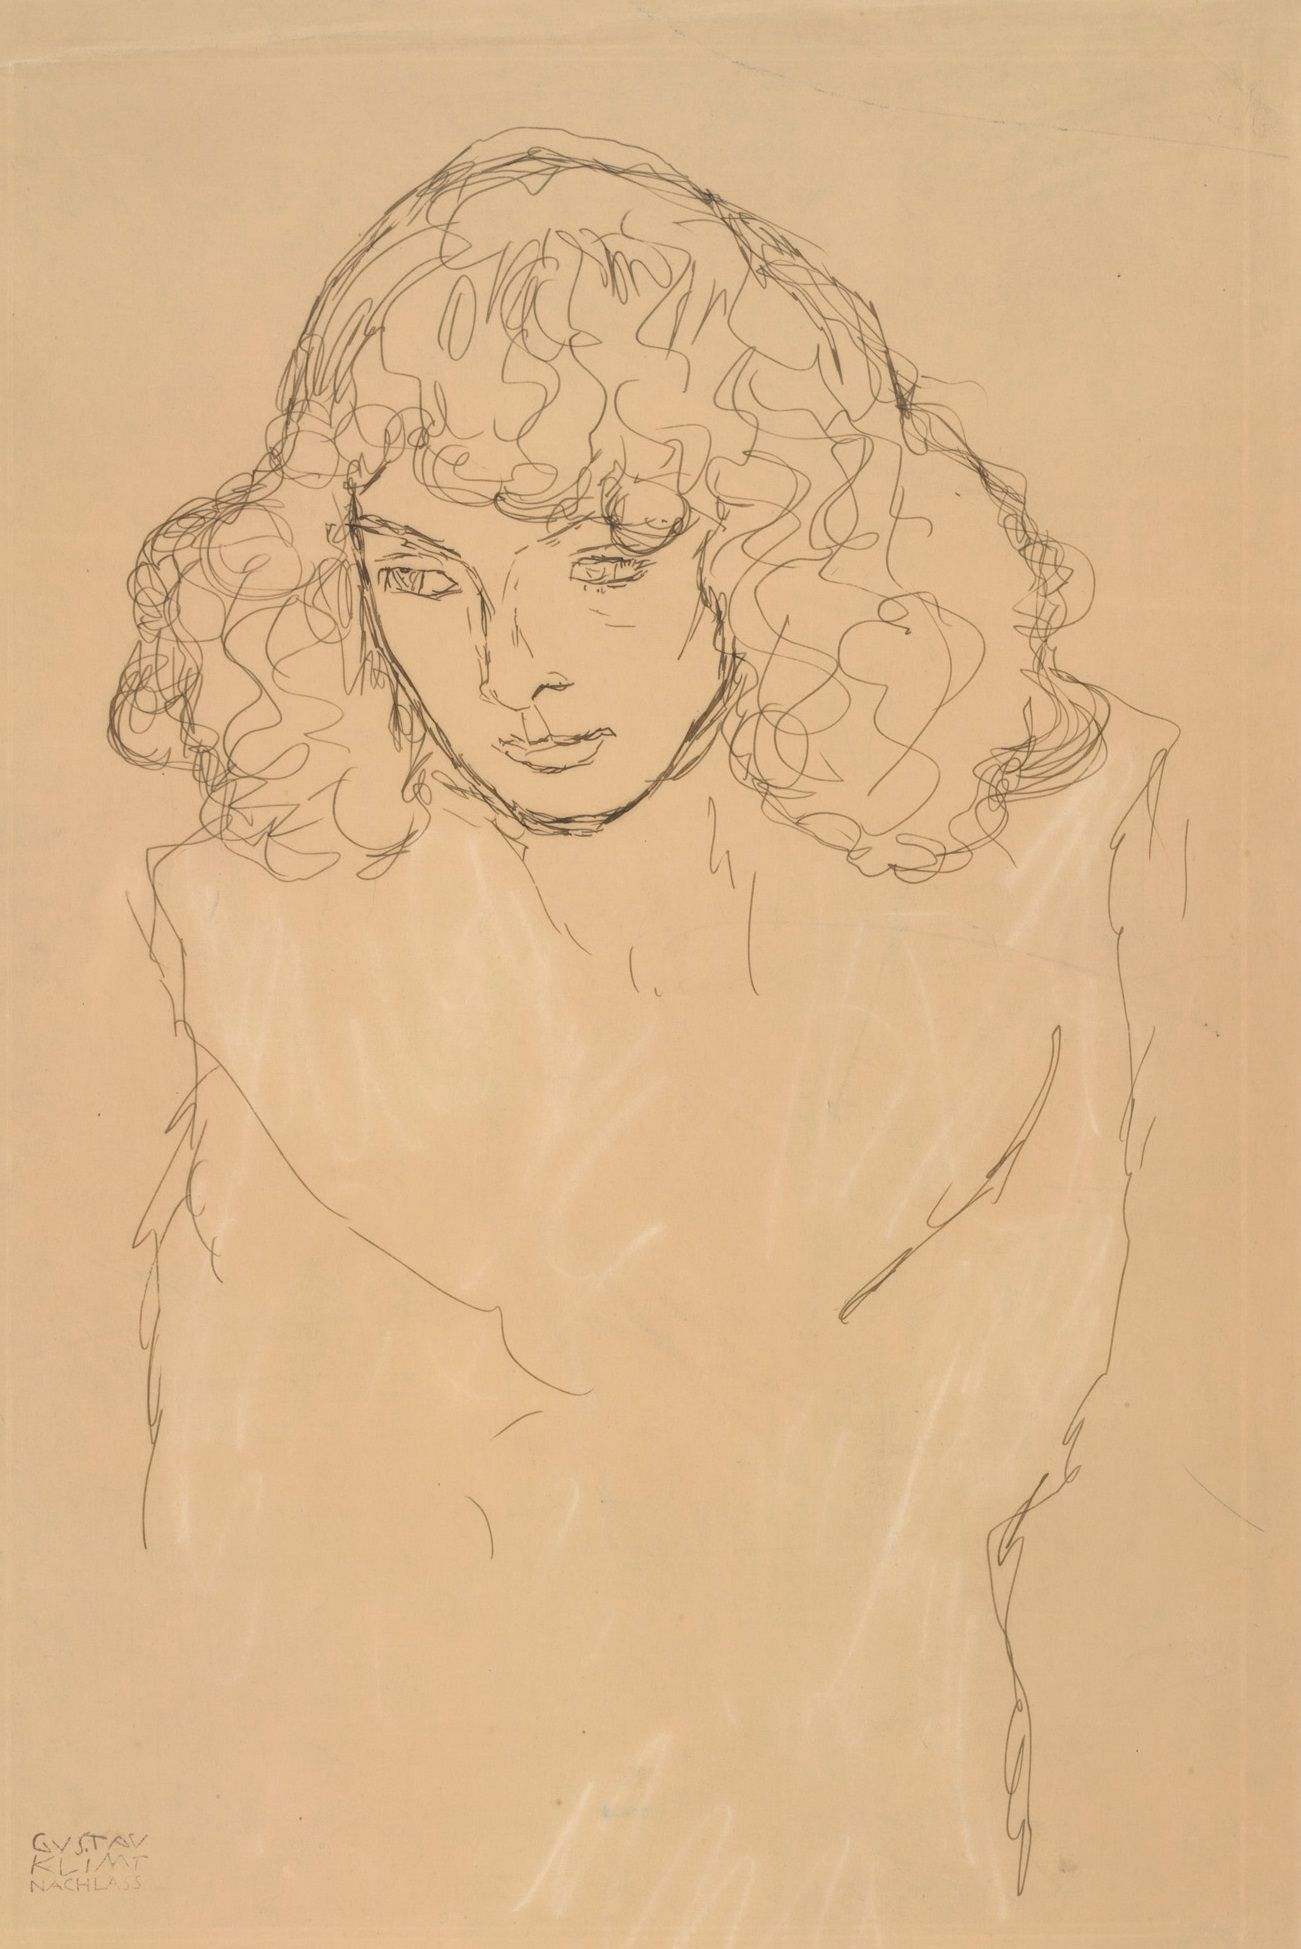 Gustav Klimt | Brustbild eines Mädchens - Head-and-Shoulders Portrait of a Girl | 1912/13 | Albertina, Wien